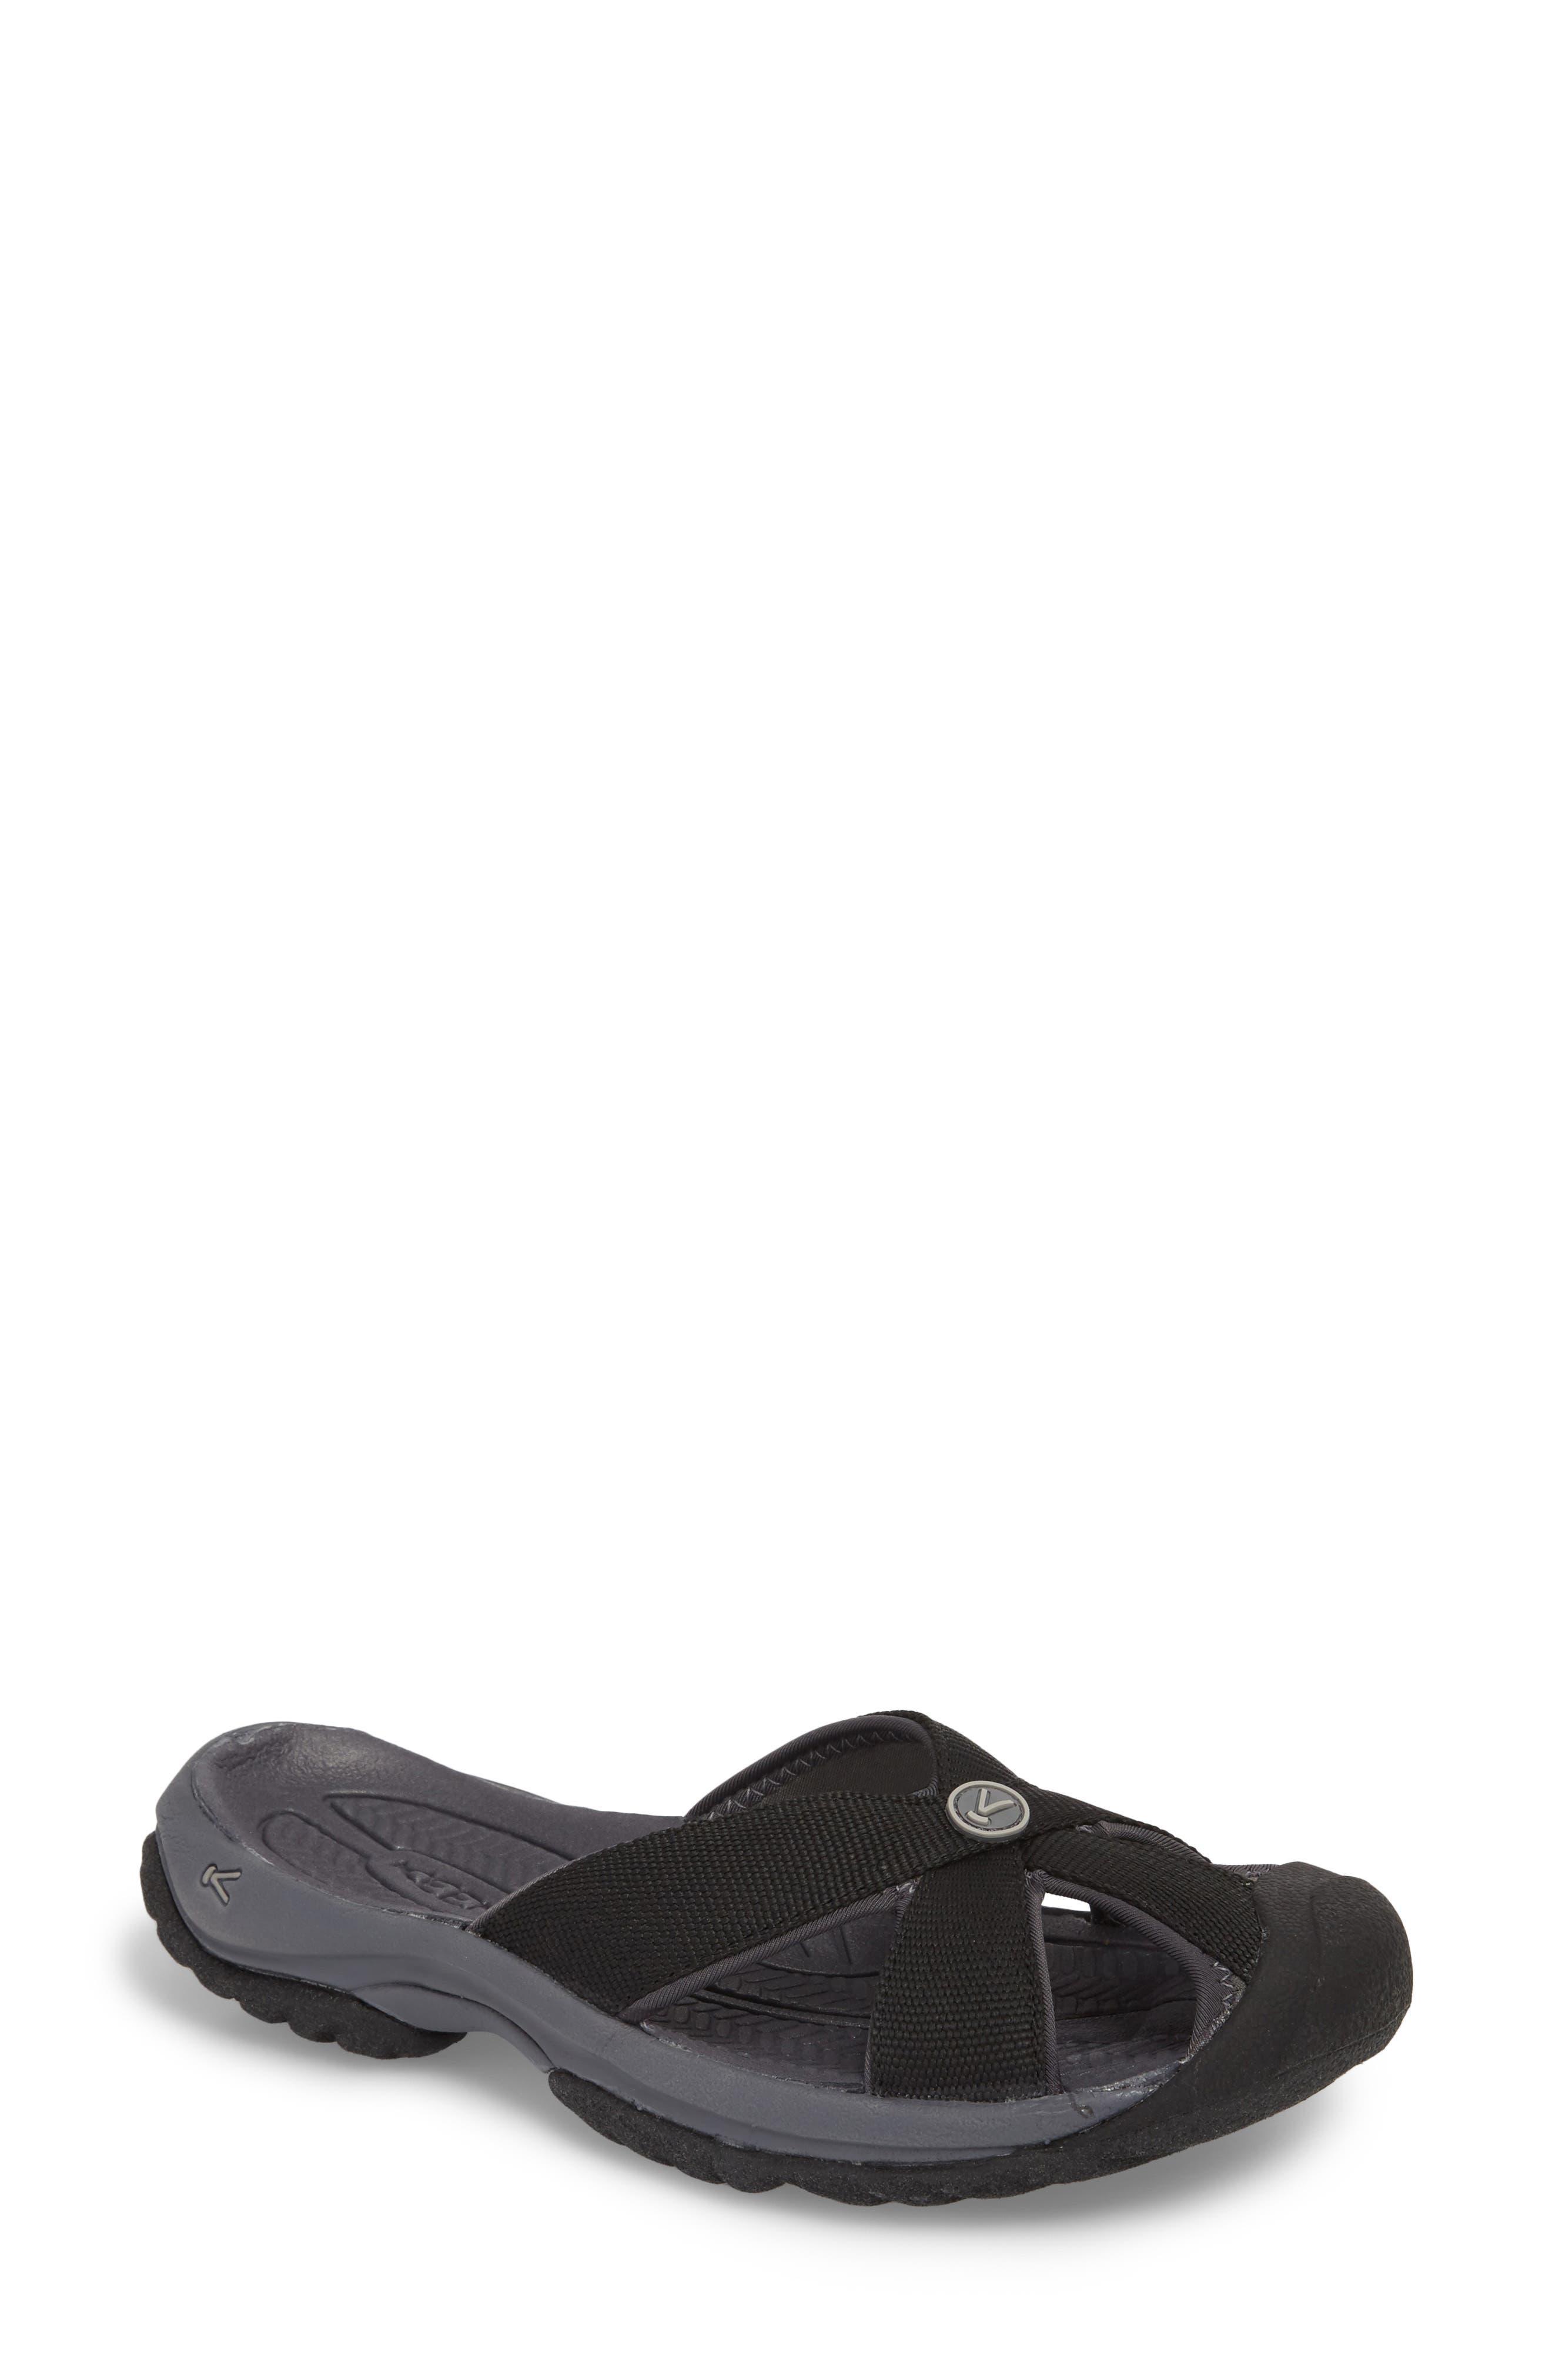 KEEN 'Bali' Sandal, Main, color, BLACK/ MAGNET